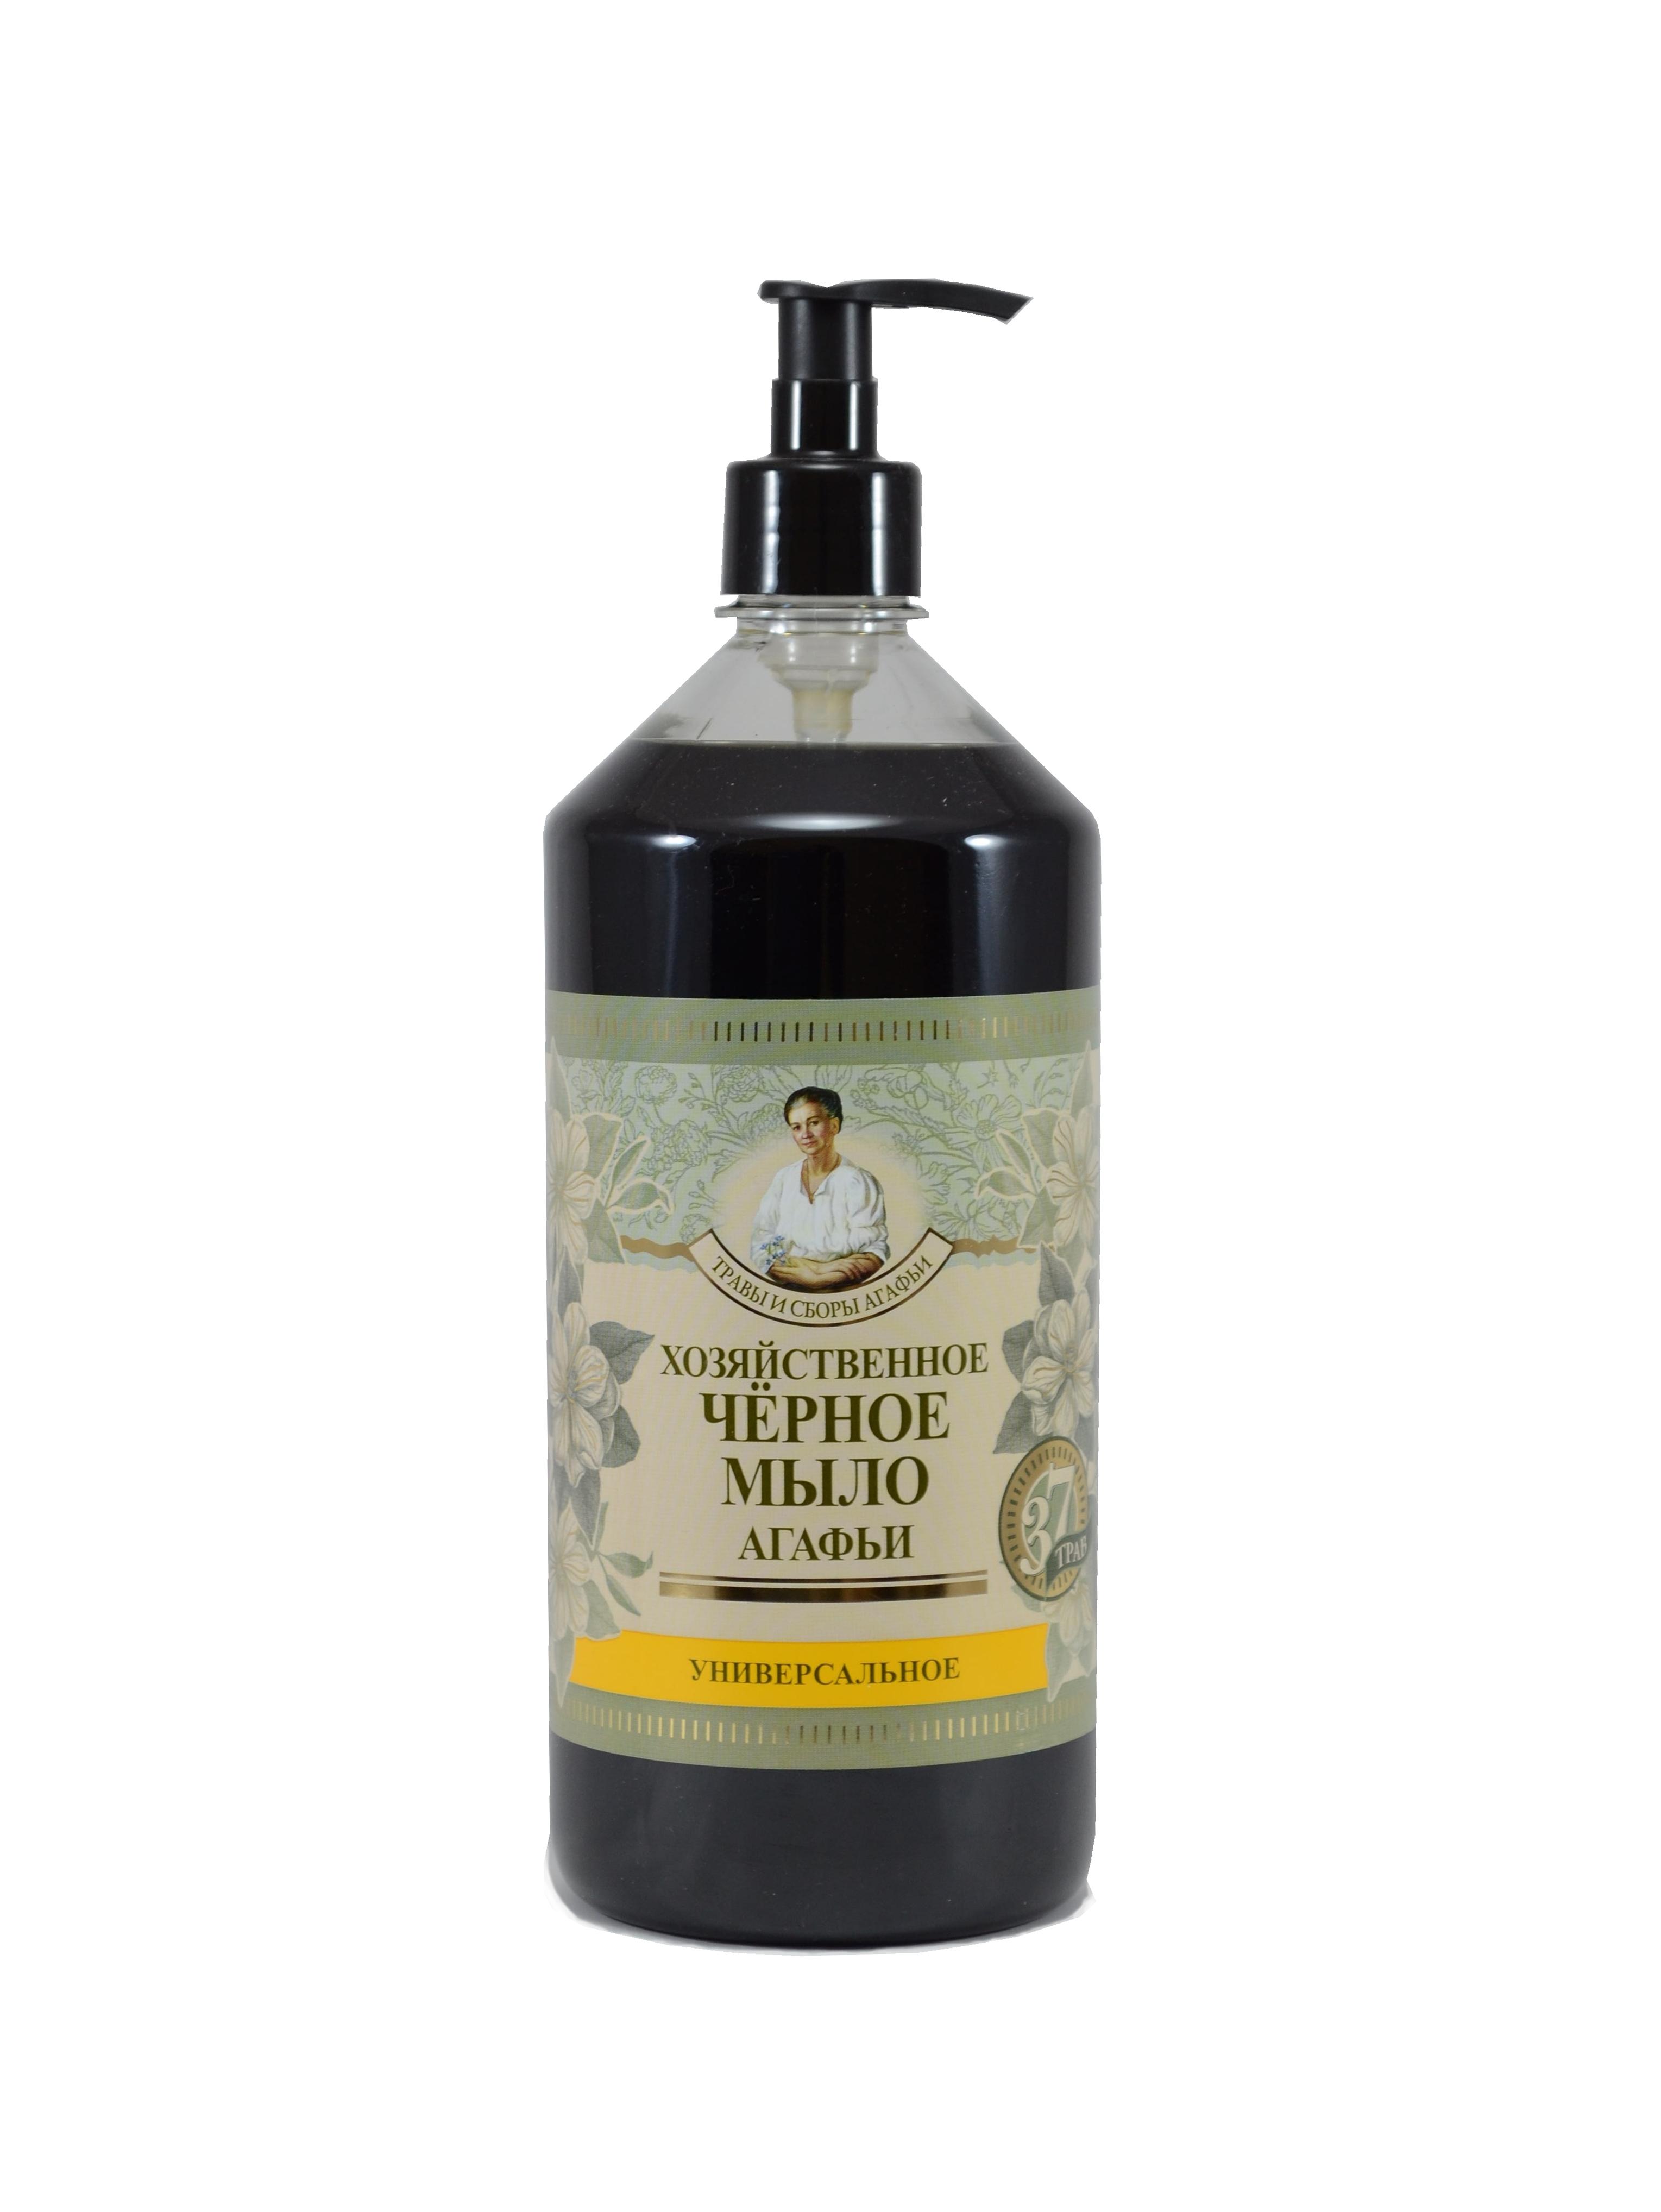 Čierne mydlo pre domácnosť - univerzálne 3v1 - Babička Agafia - 1000 ml